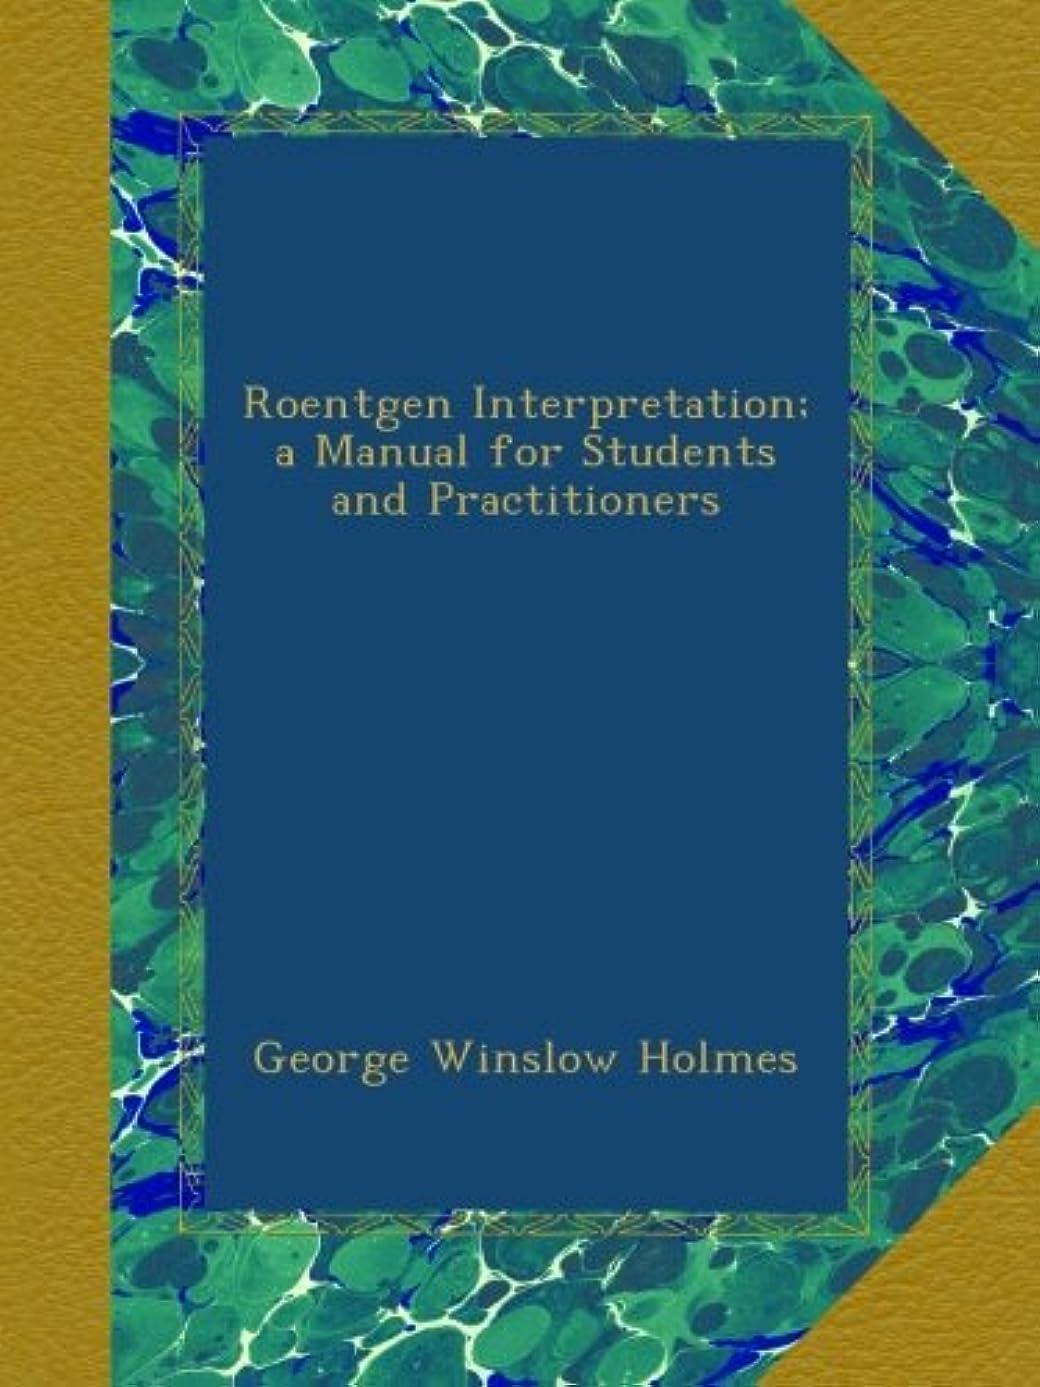 サイトスツール悪のRoentgen Interpretation; a Manual for Students and Practitioners